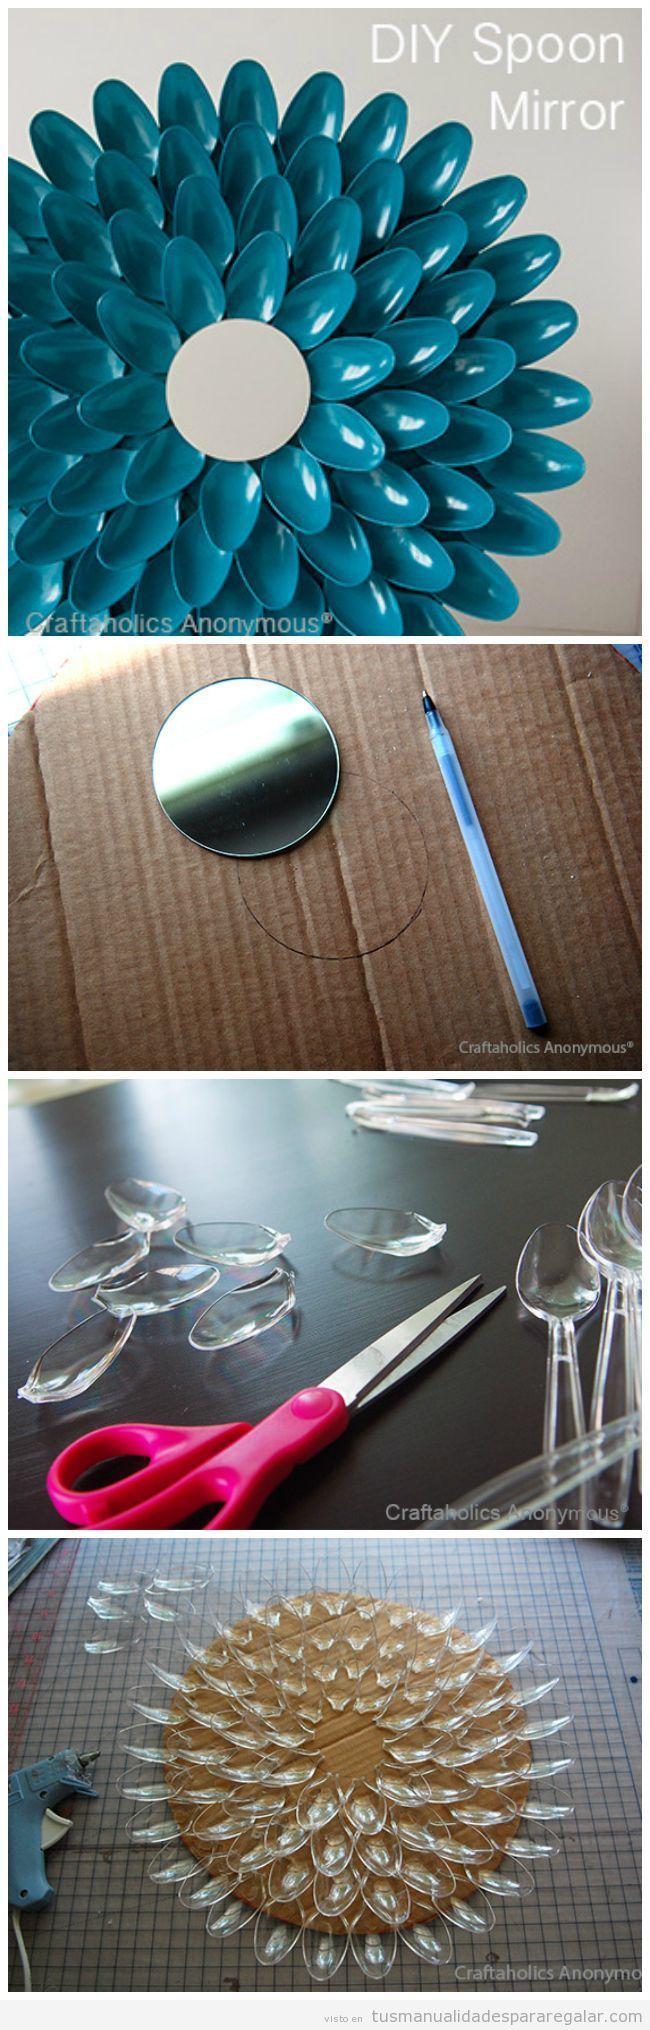 Regalos hechos a mano espejo decorado con cucharas de pl stico crafts pinterest cucharas - Espejo de plastico ...